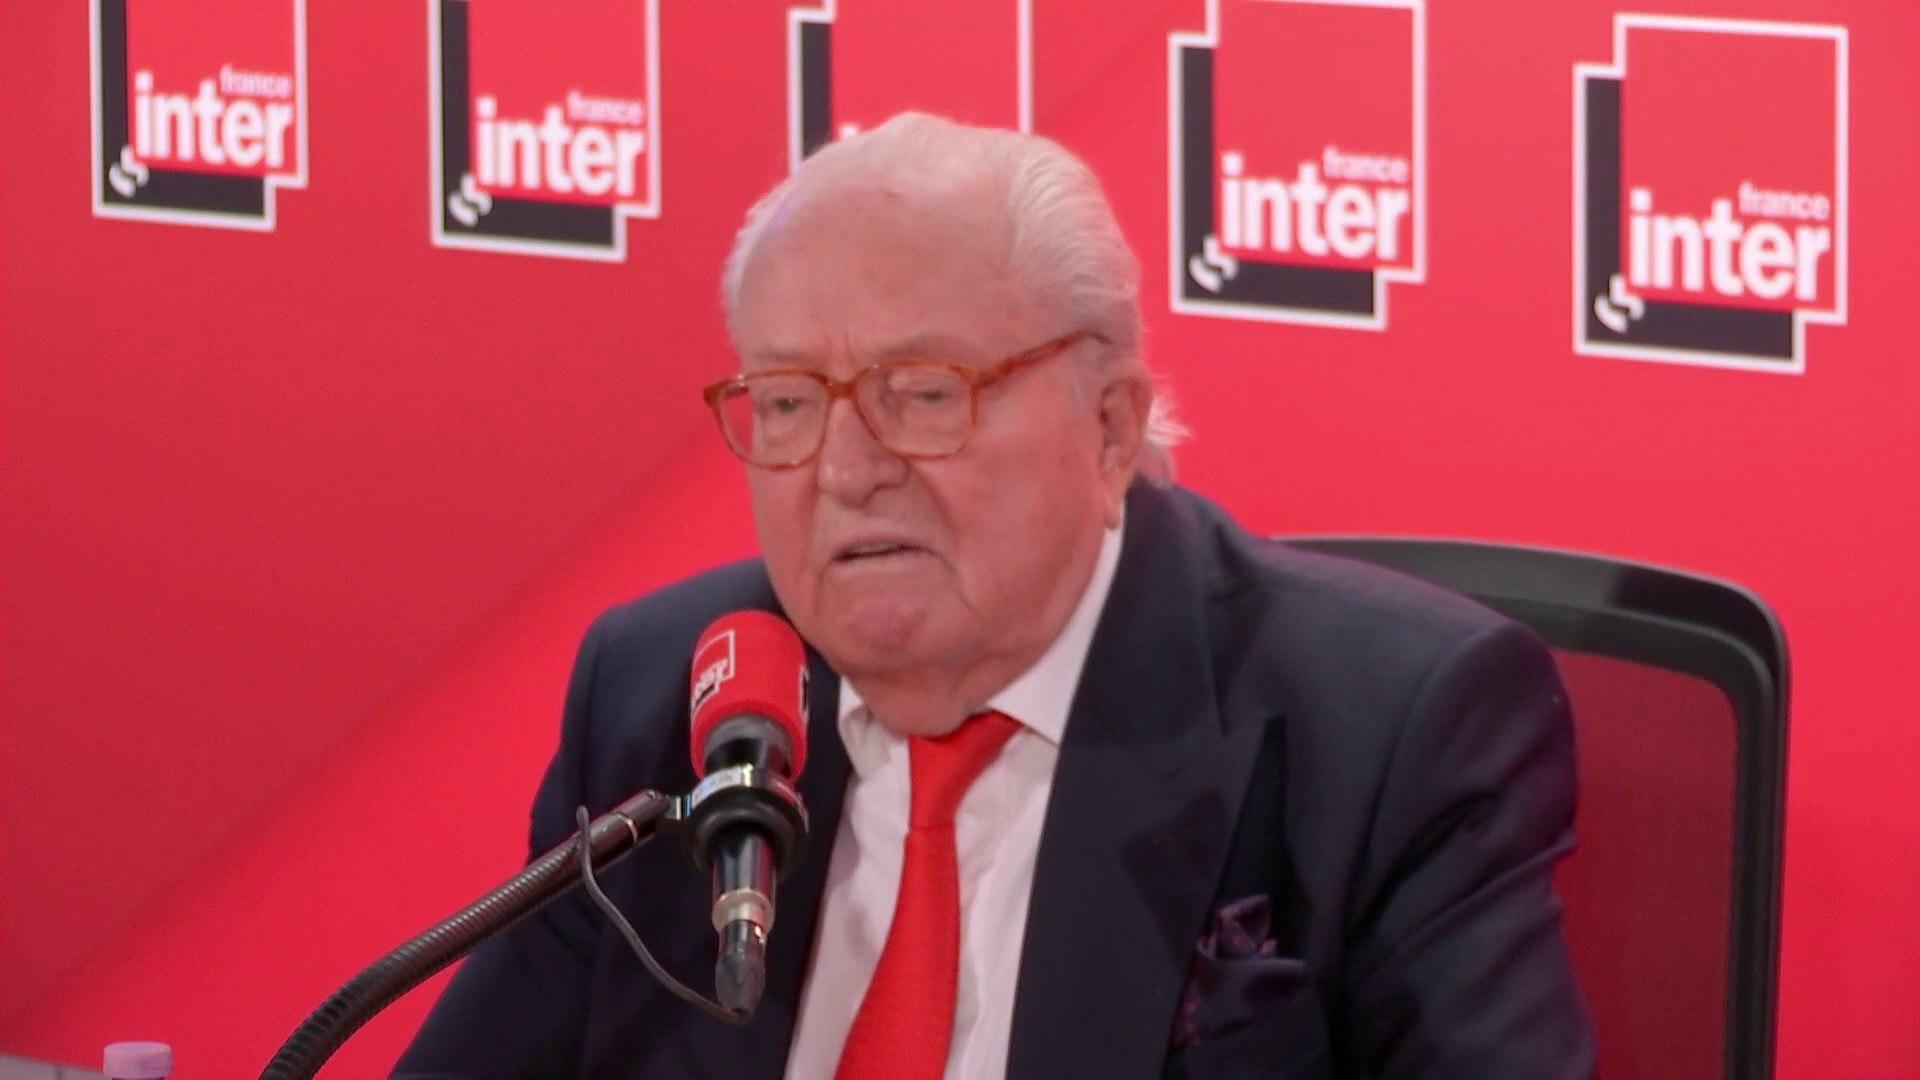 Jean-Marie le Pen, fondateur du Front National, à propos de Marion Maréchal qui ne se présentera pas